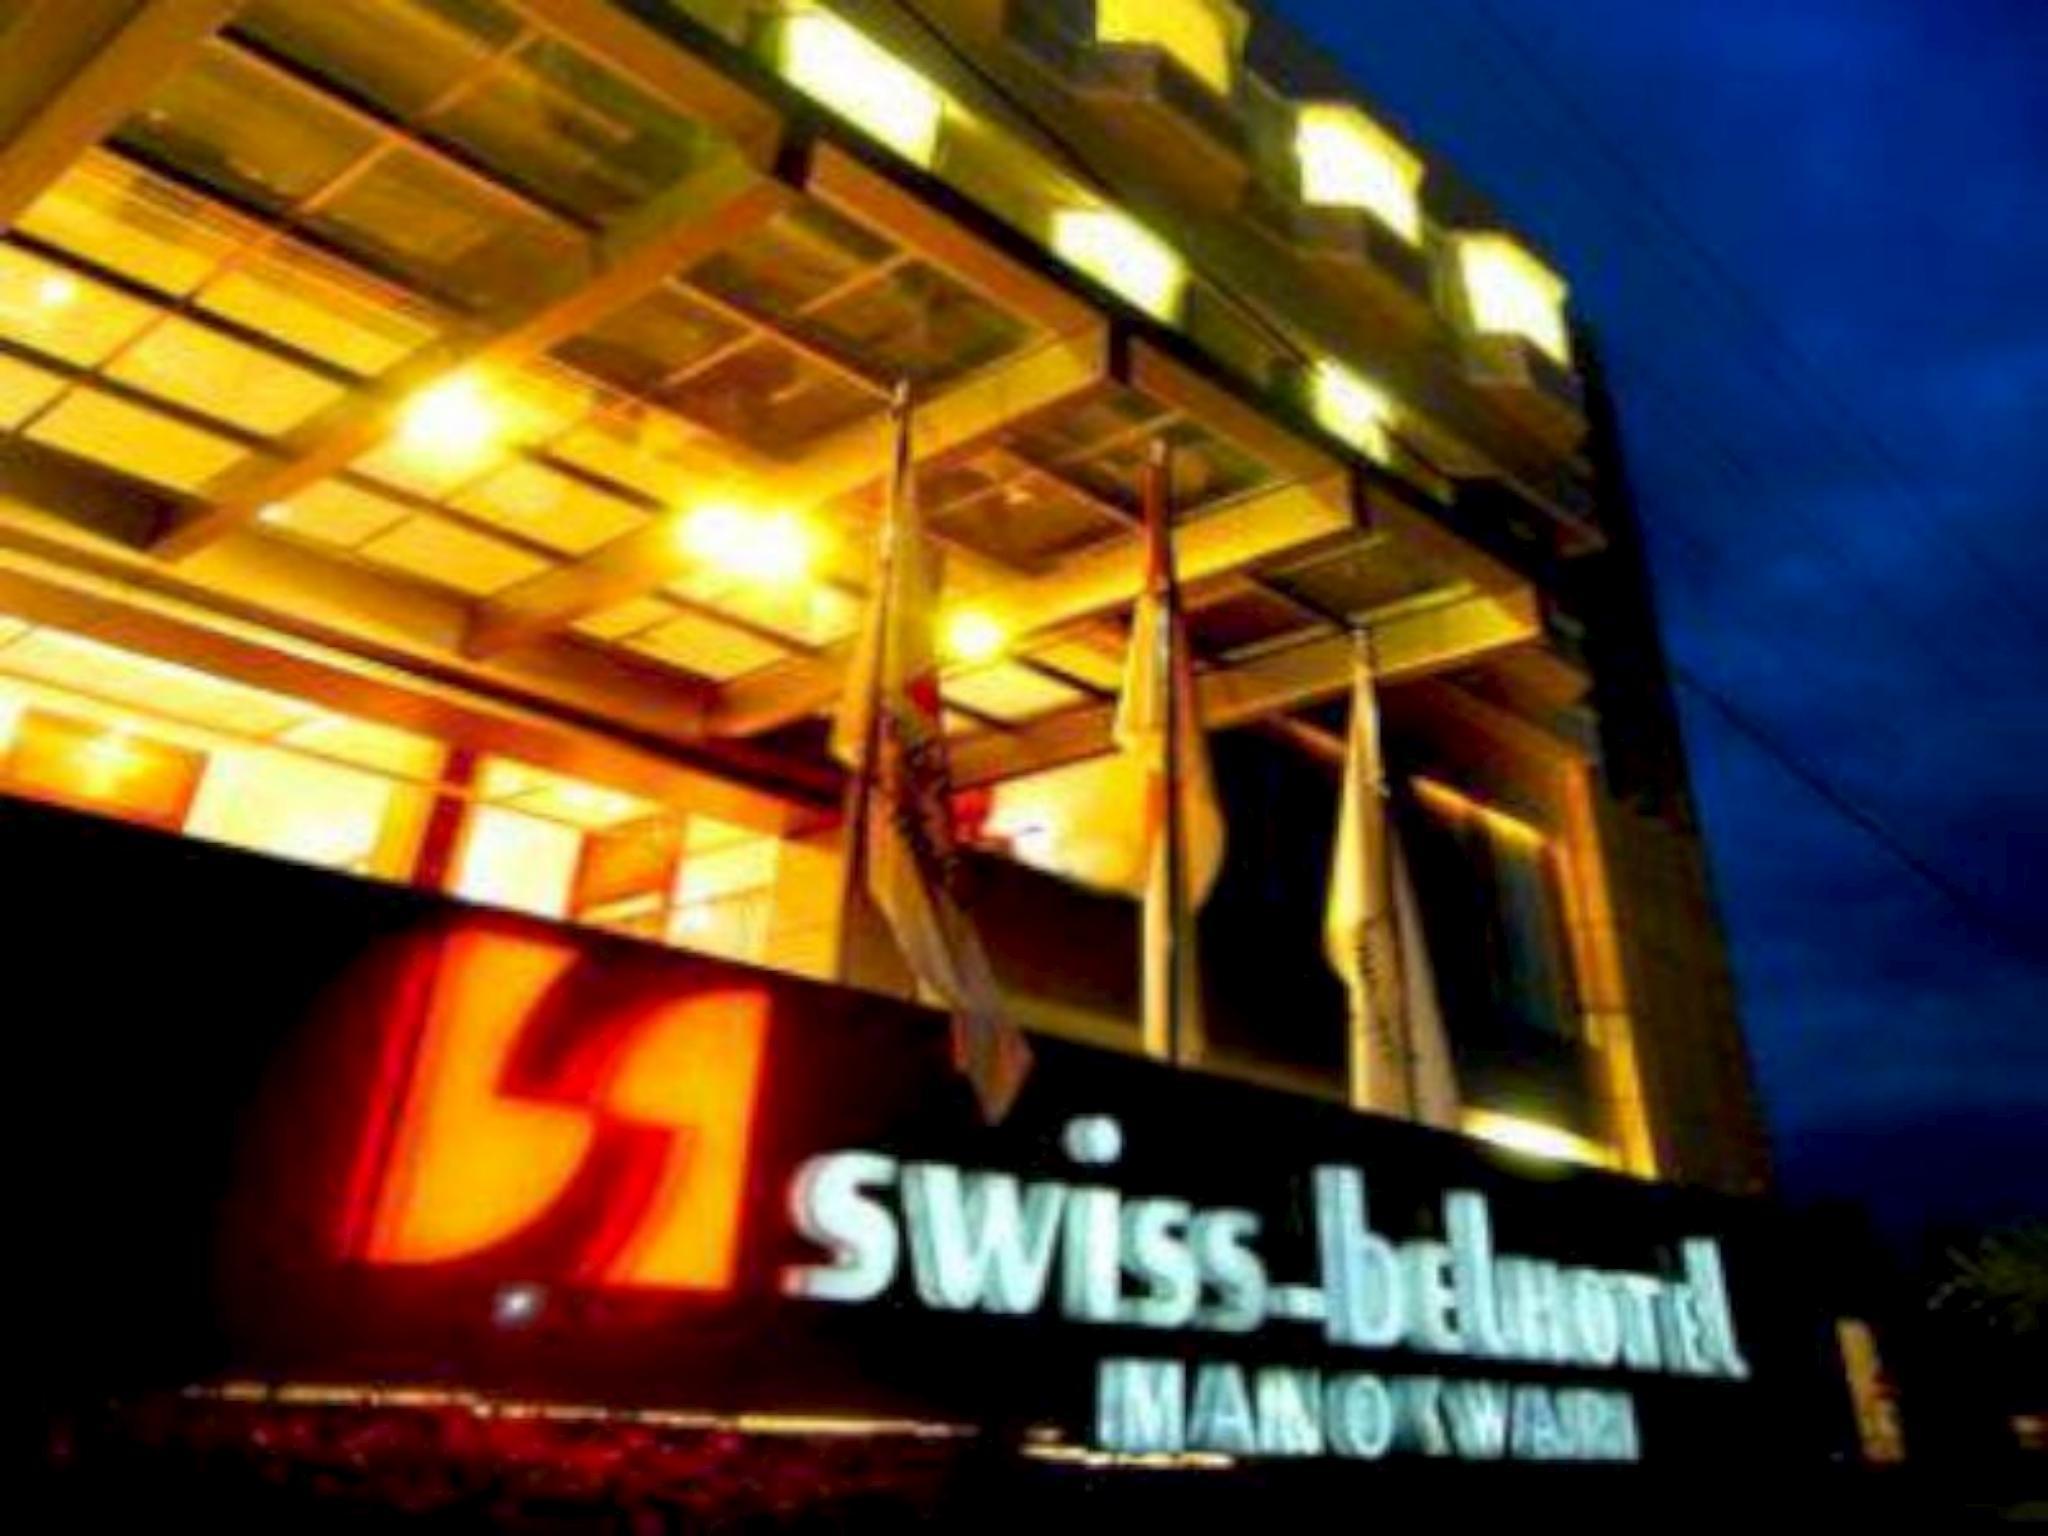 Swiss-Belhotel Manokwari